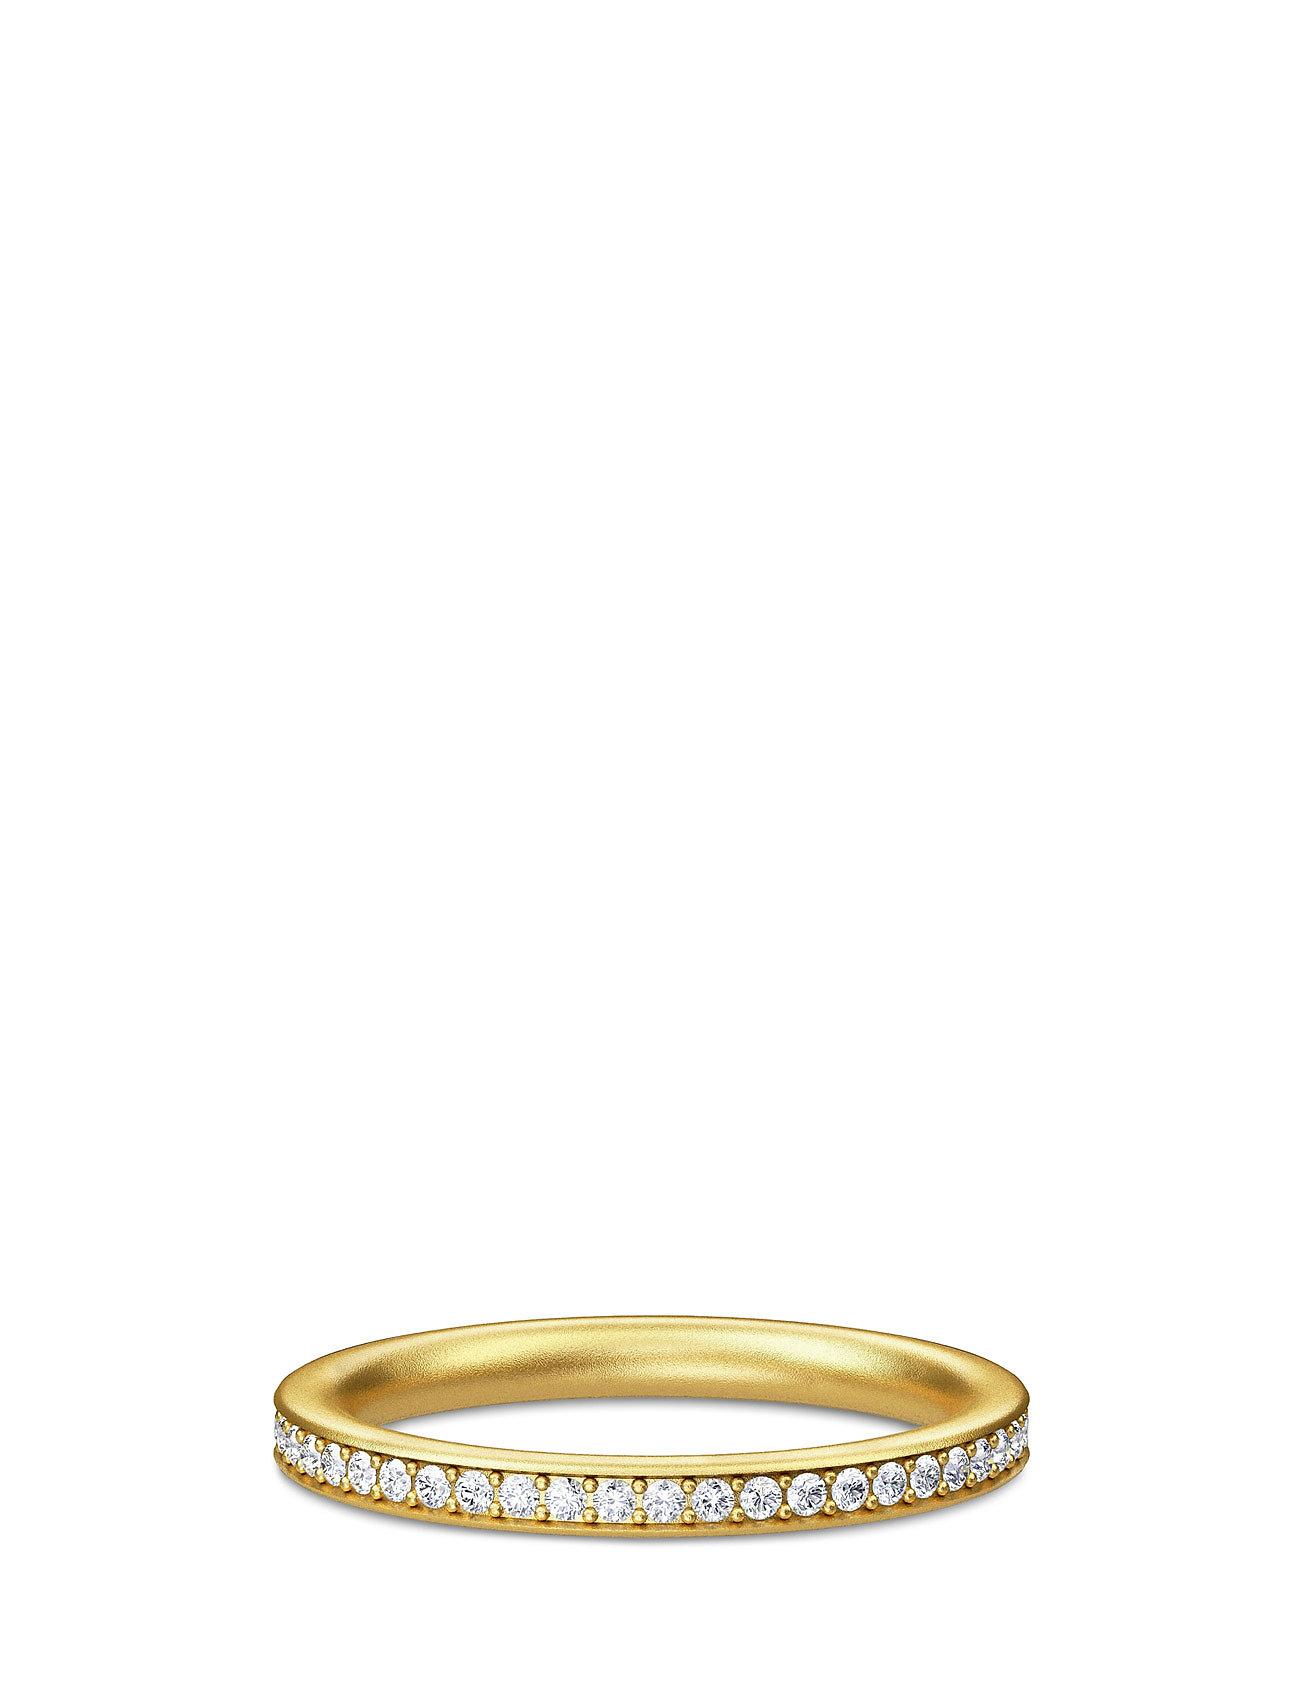 Image of Infinity Ring 54 - Gold Ring Smykker Guld Julie Sandlau (3054510533)